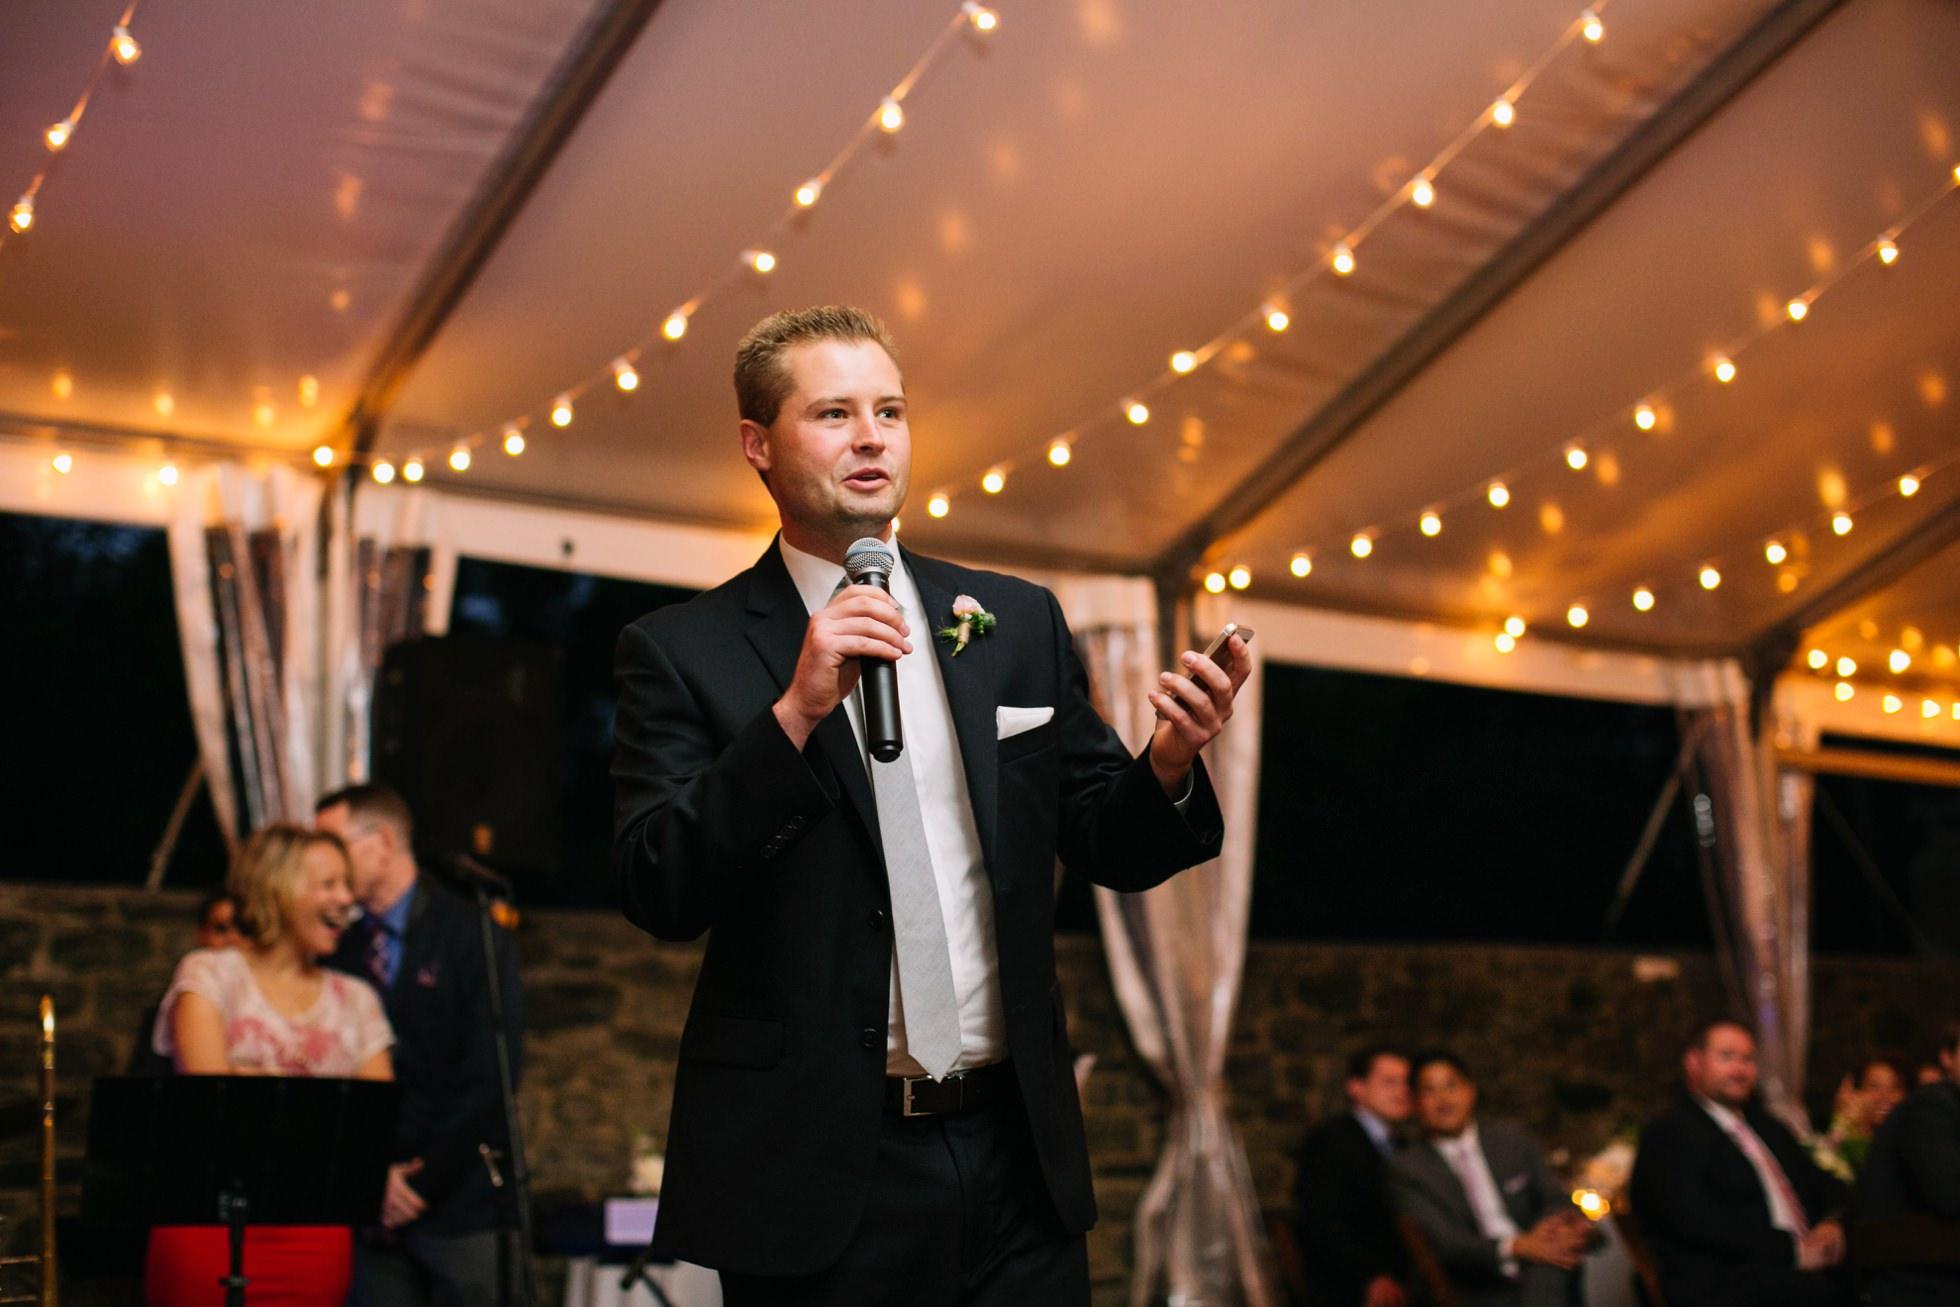 Romantic Bartram's Garden Outdoor Summer Wedding, Philadelphia | brittneyraine.com 095